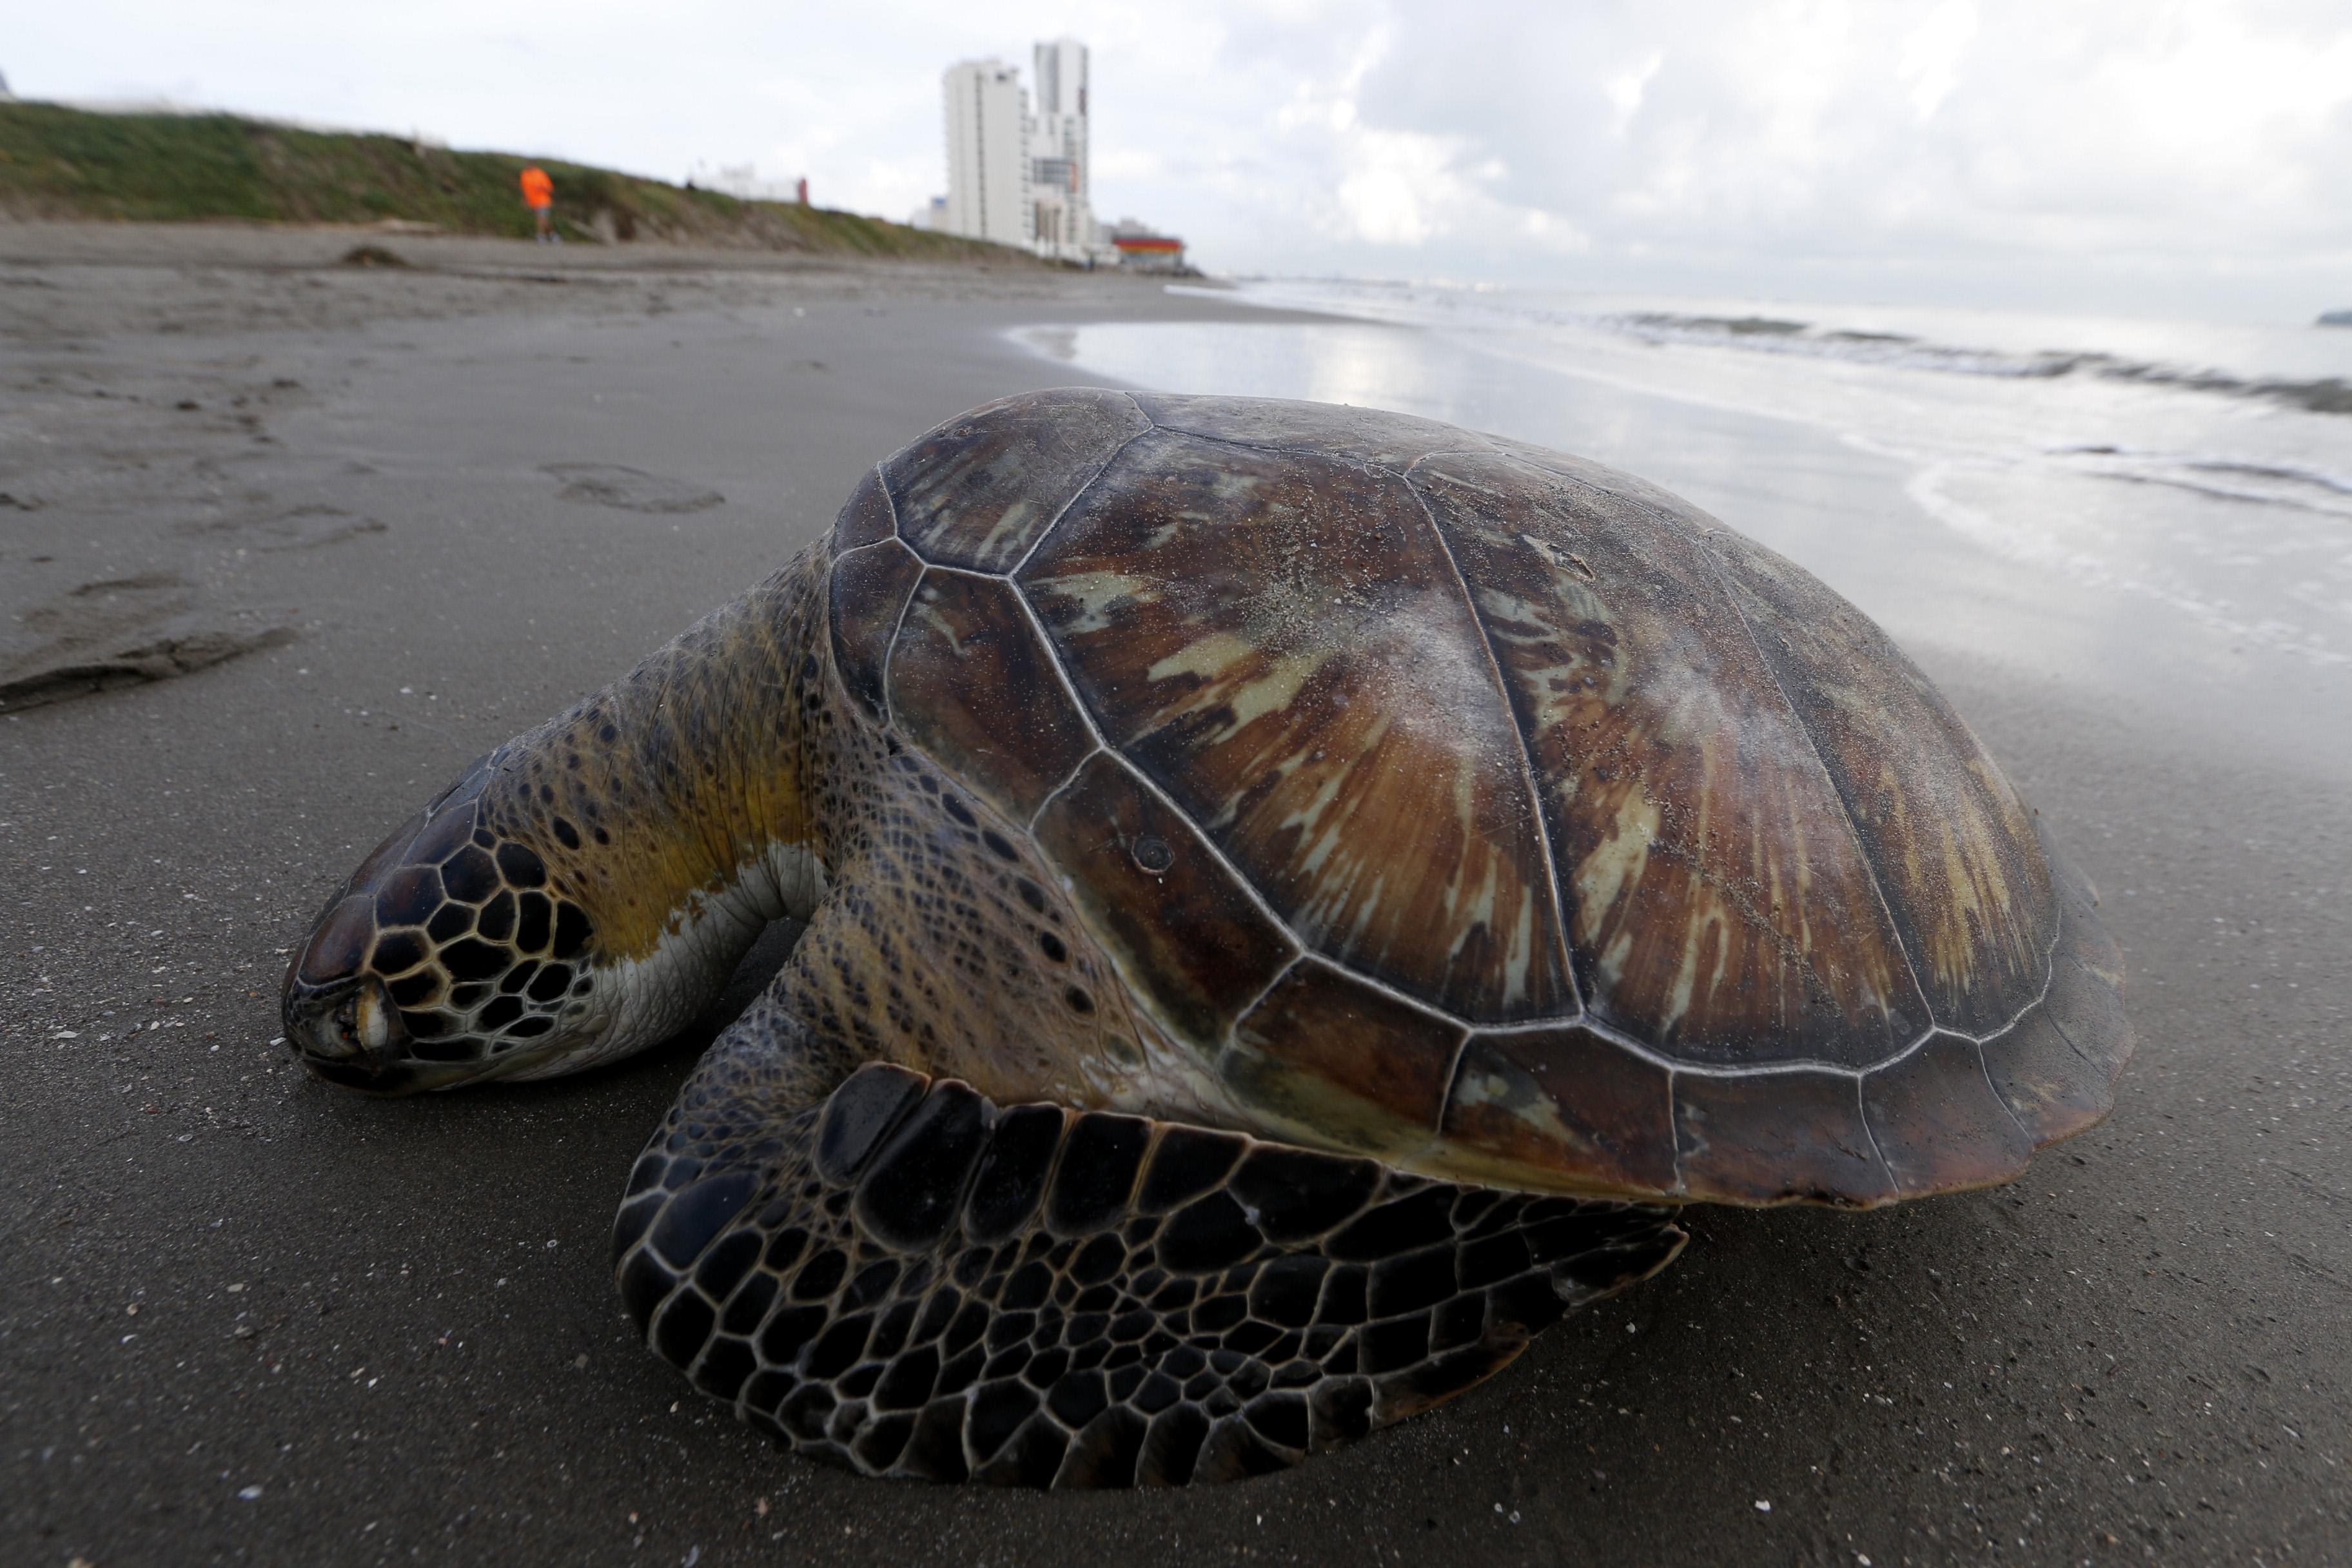 Aparece tortuga muerta en Boca del Río